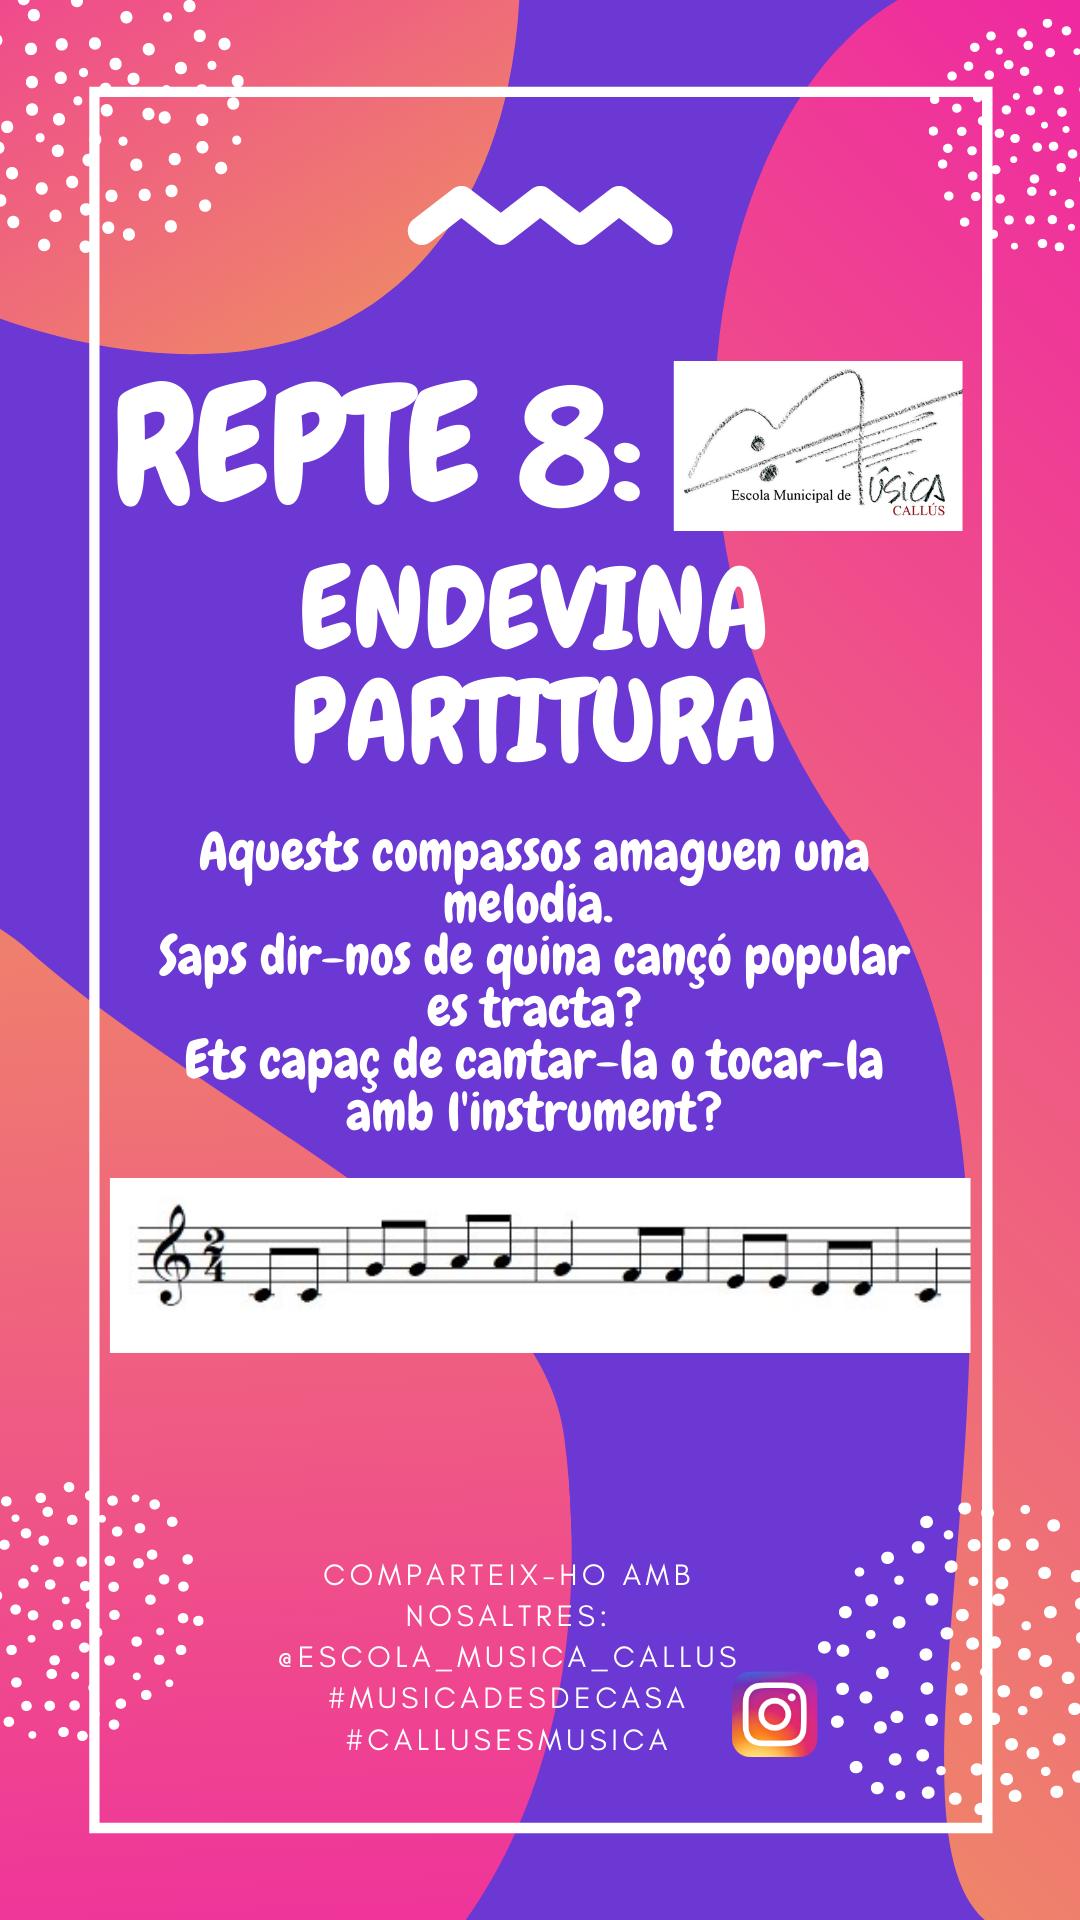 repte8